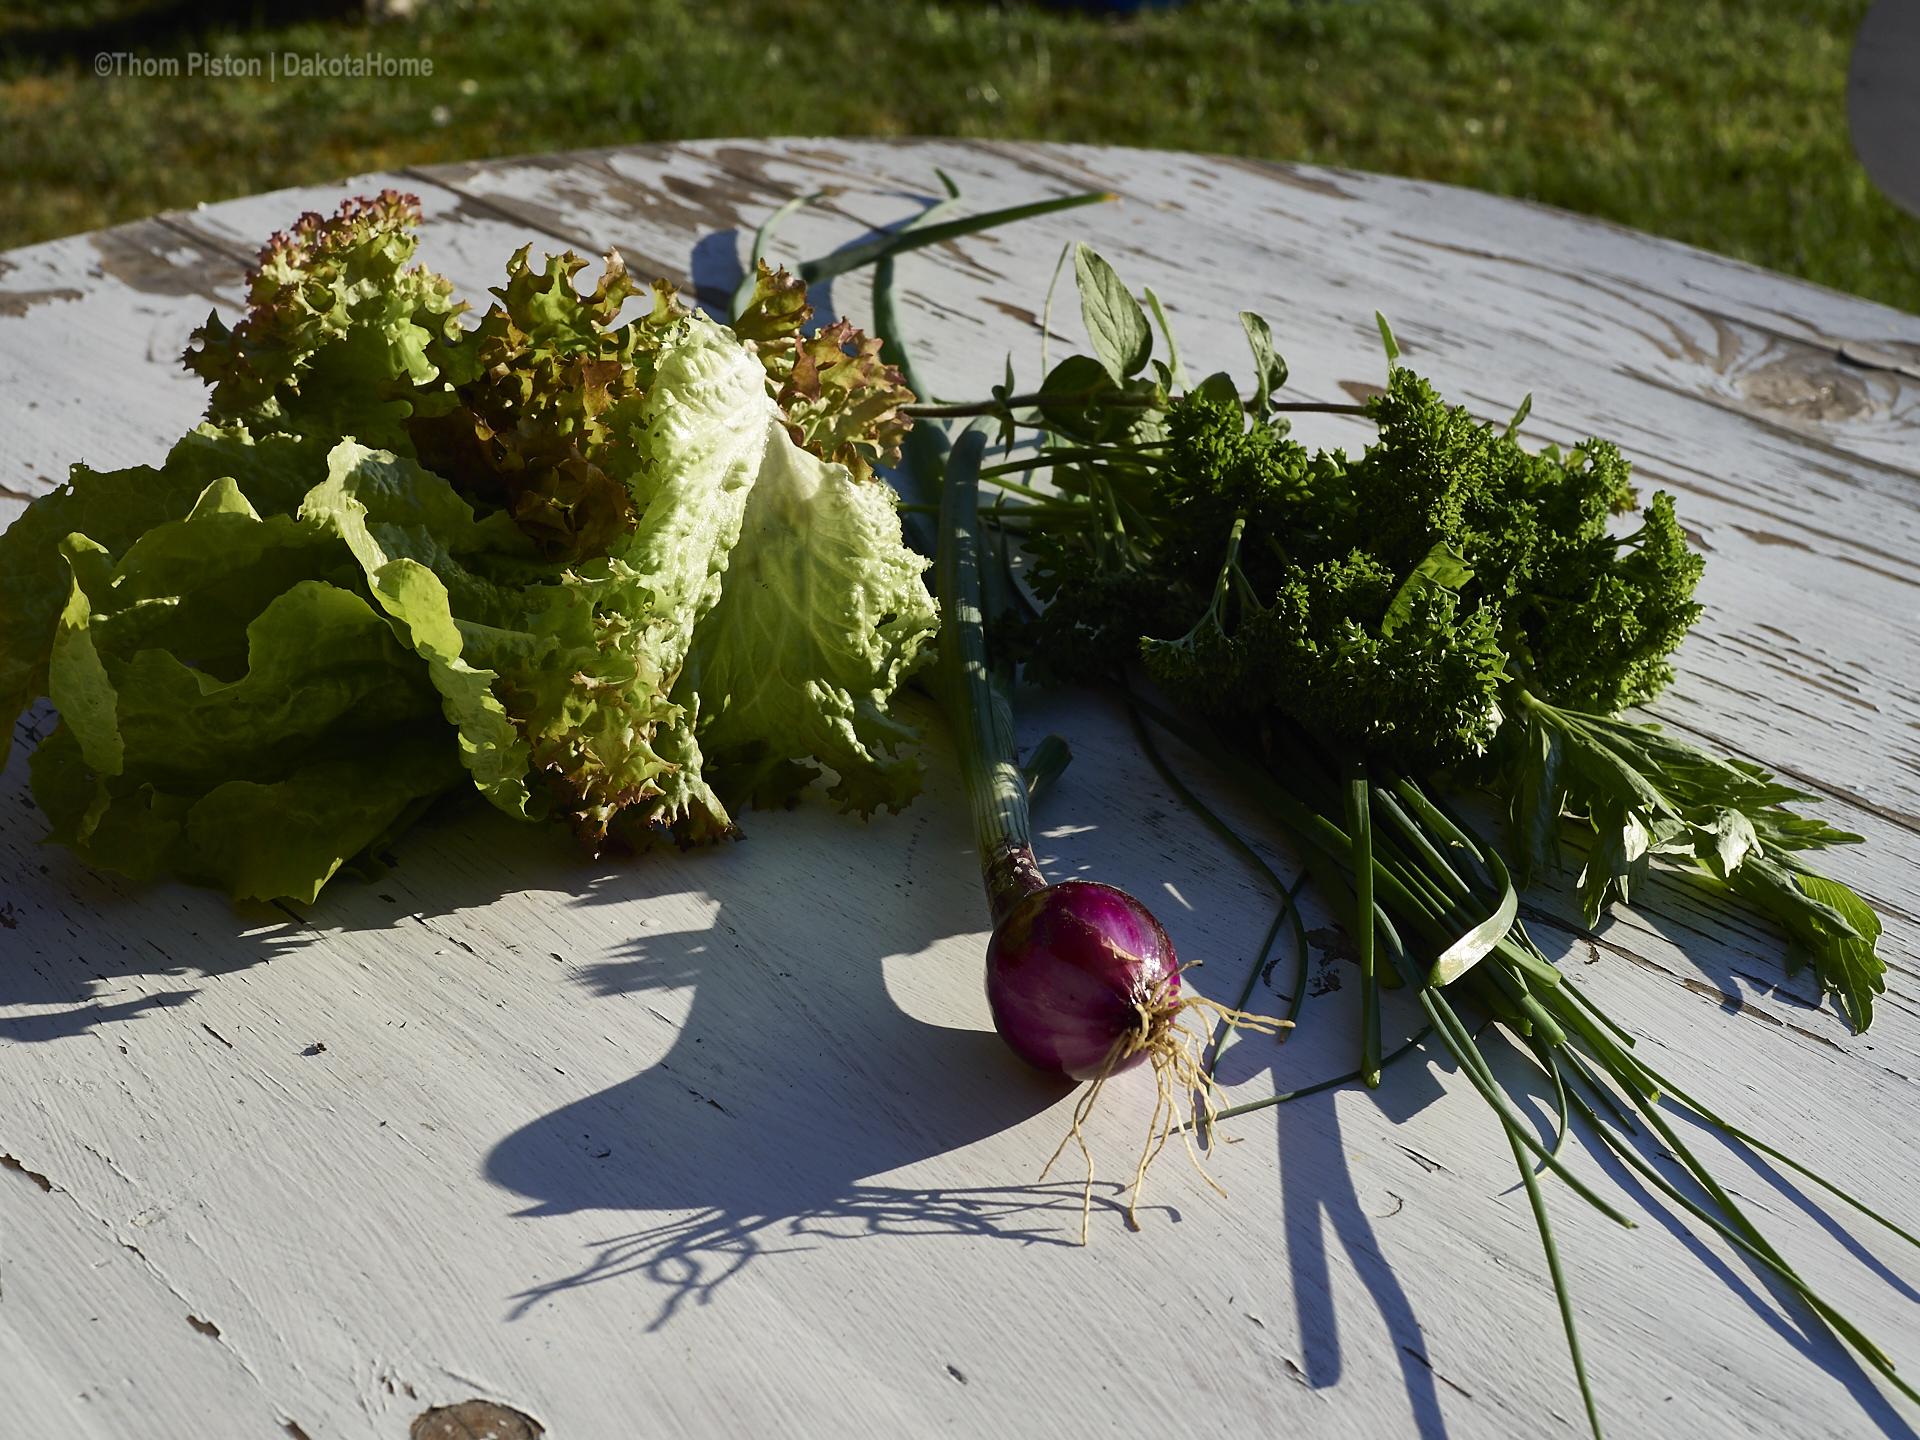 Zwieblen, Salat, Kräuter aus dem Dakota Home